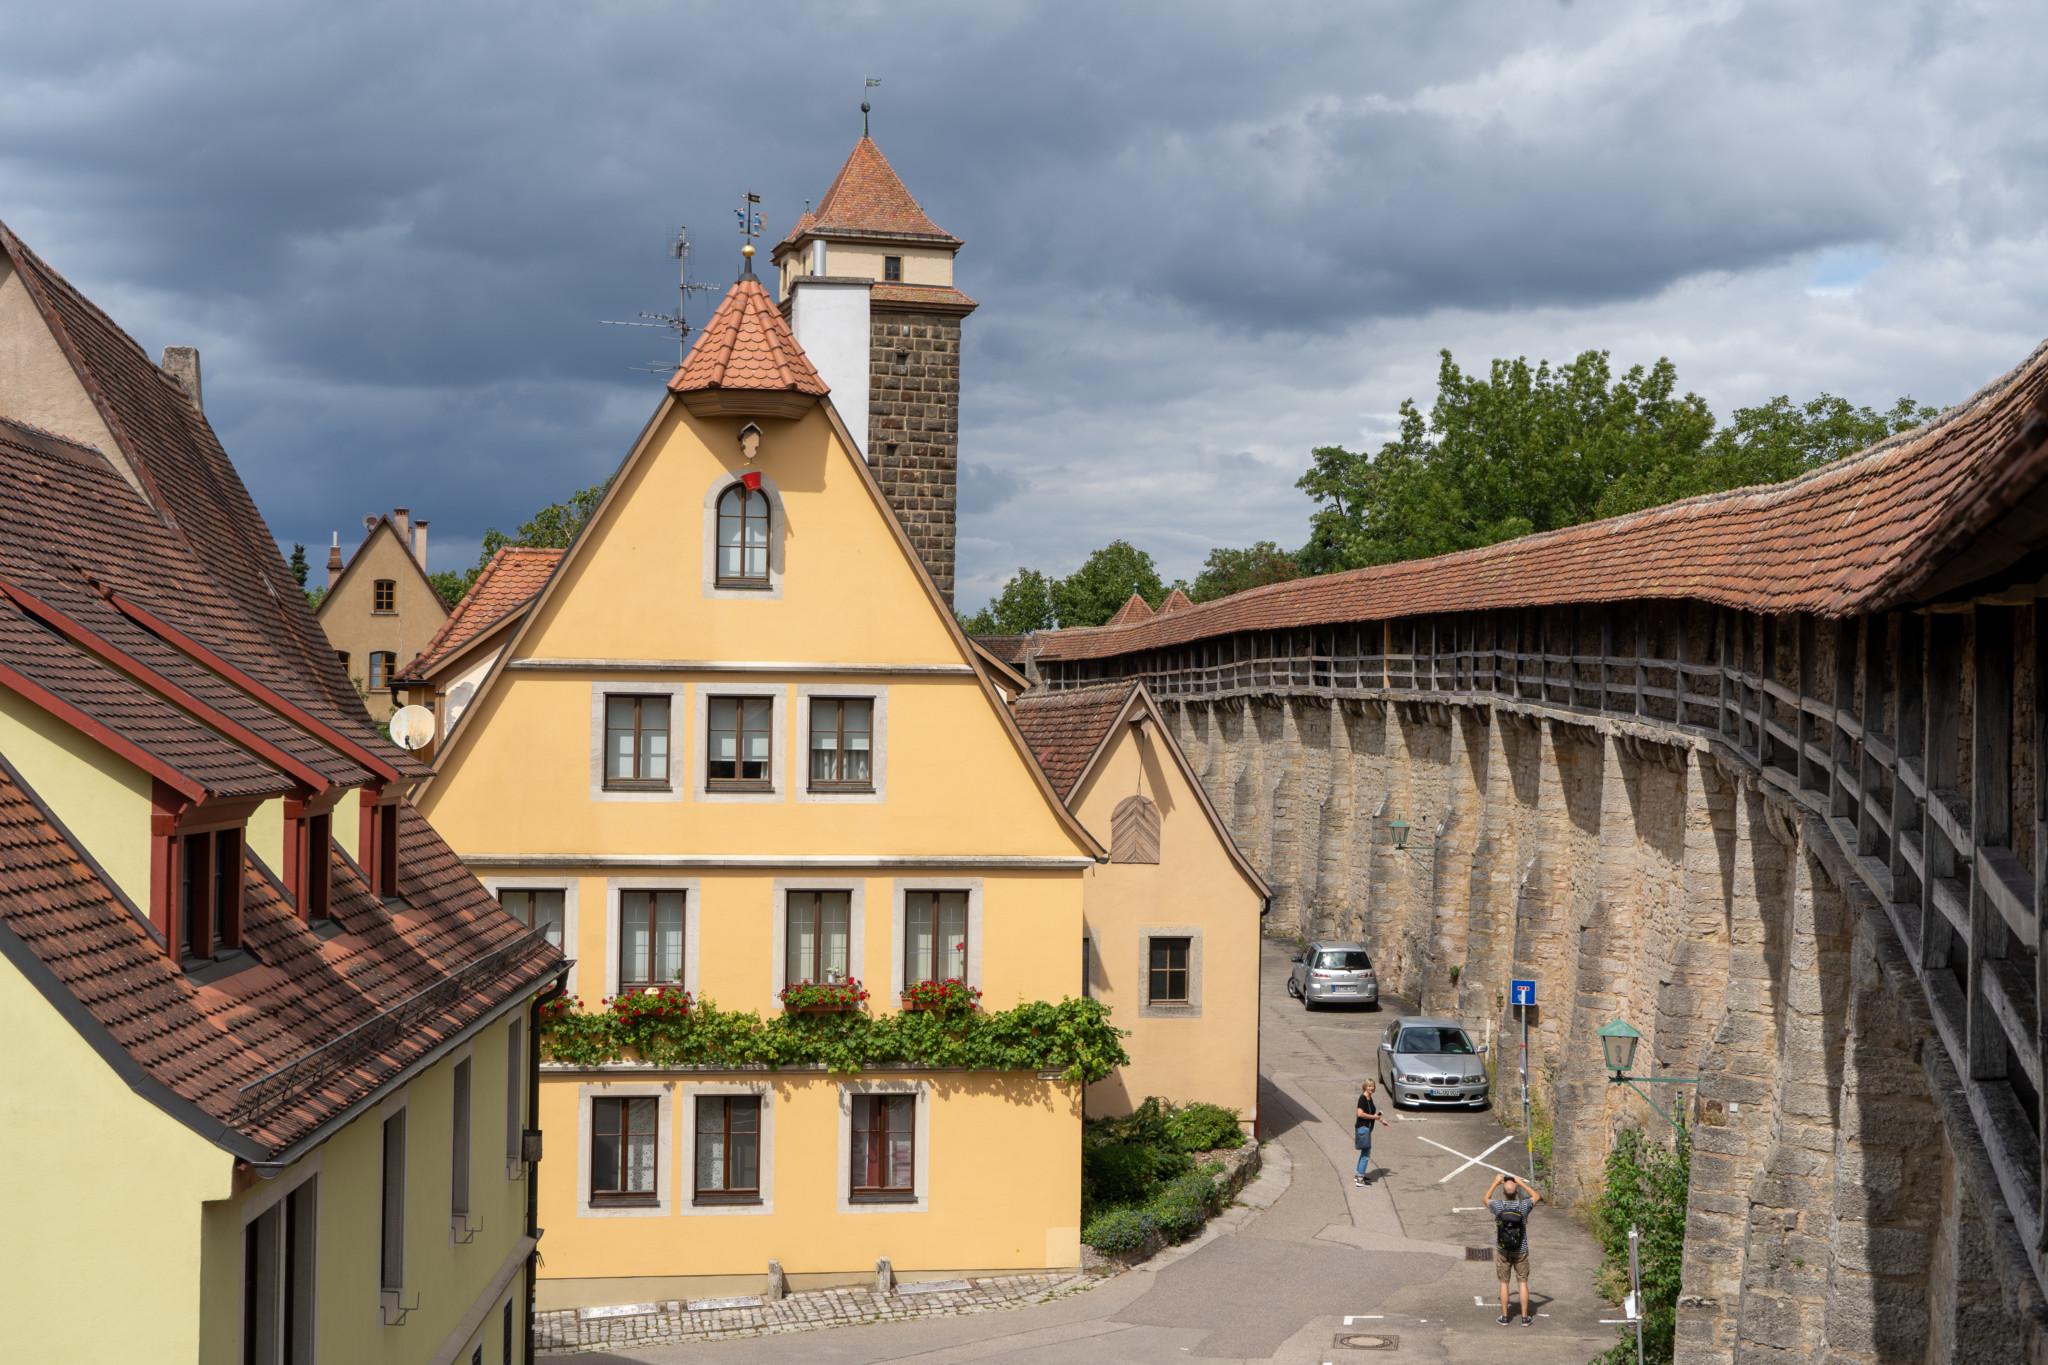 Die berühmte Stadtmauer in Rothenburg ob der Tauber